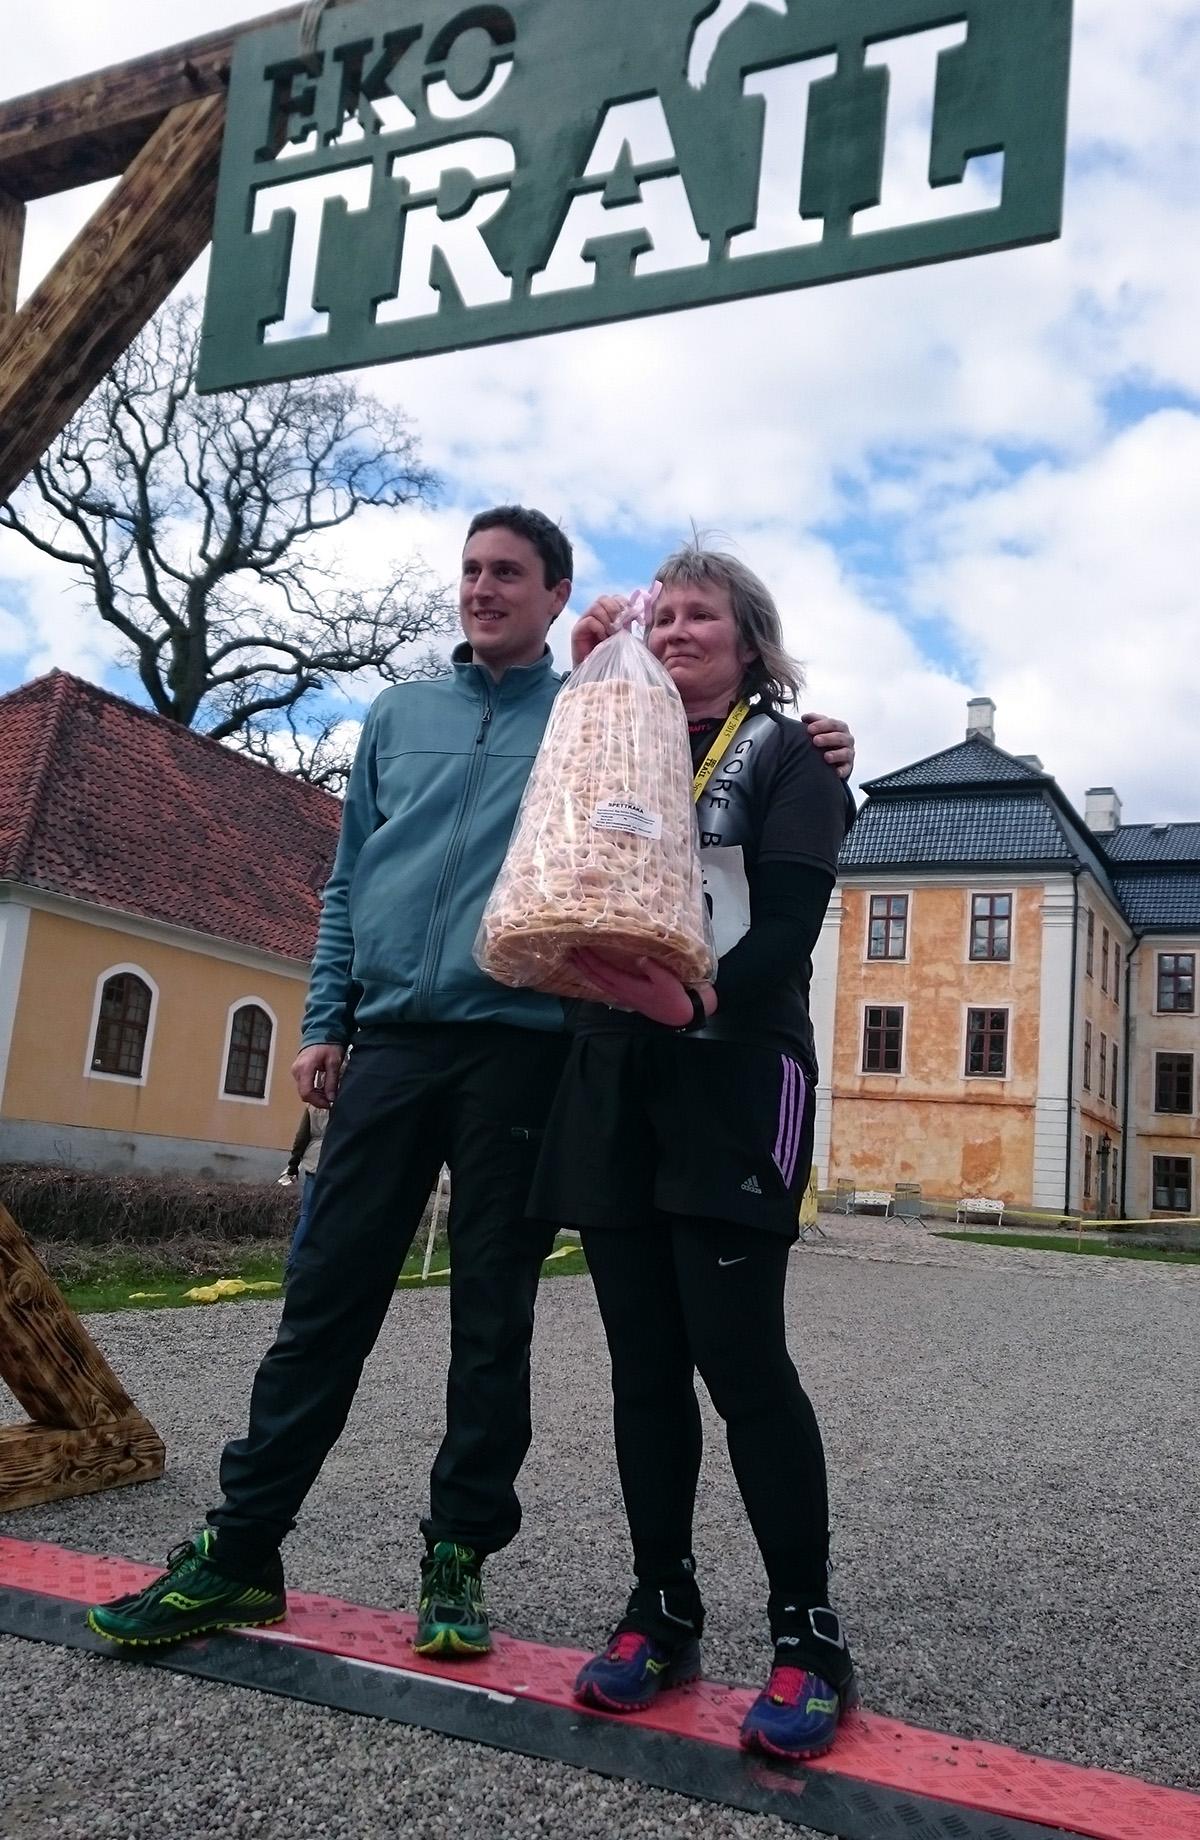 Sist i mål men först att springa 3 mil, Siv Thams Andersson, sprang fel och gick i mål på 21 km med tiden 3.38.53. Här tillsammans med Eko Trails grundare och arrangör Gaël Joly. Foto: Fabian Rimfors